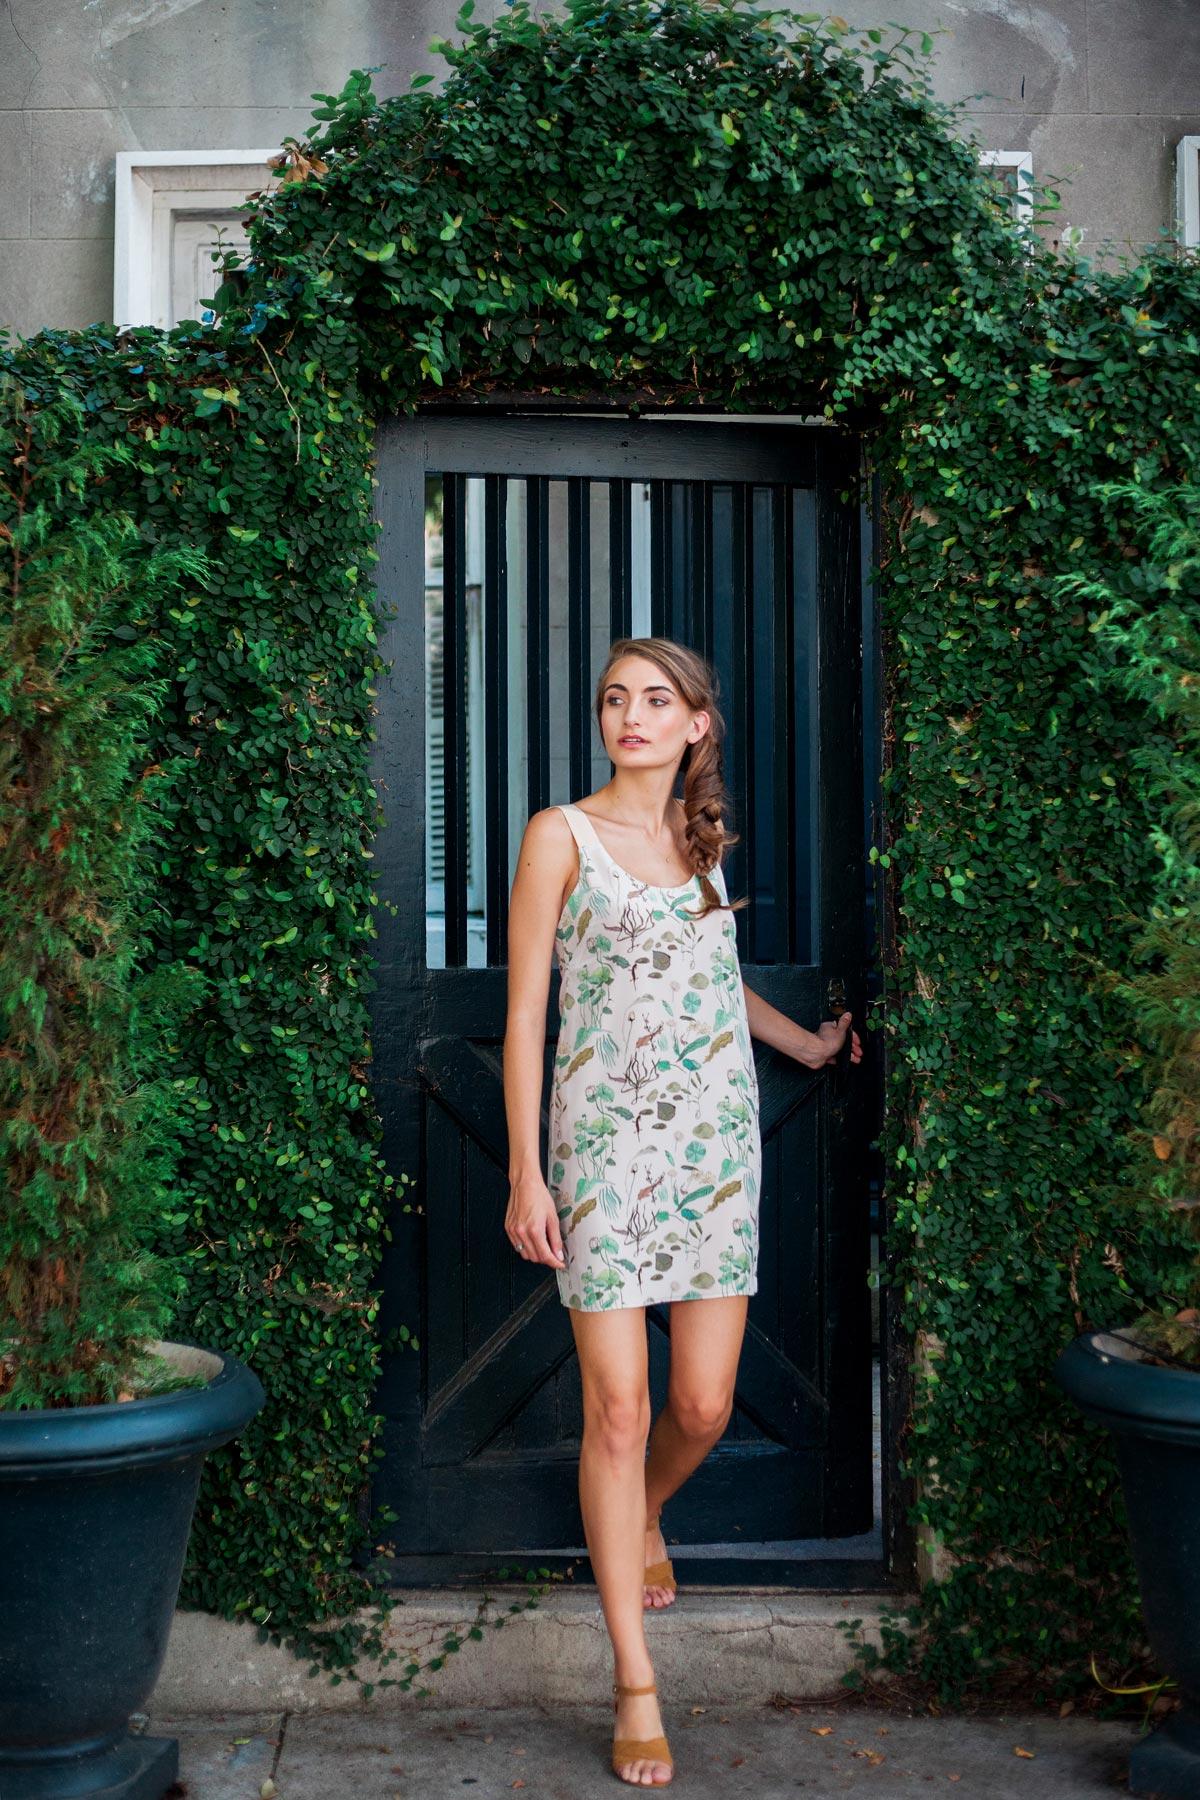 margaret-wright-fashion-photographer-charleston-20